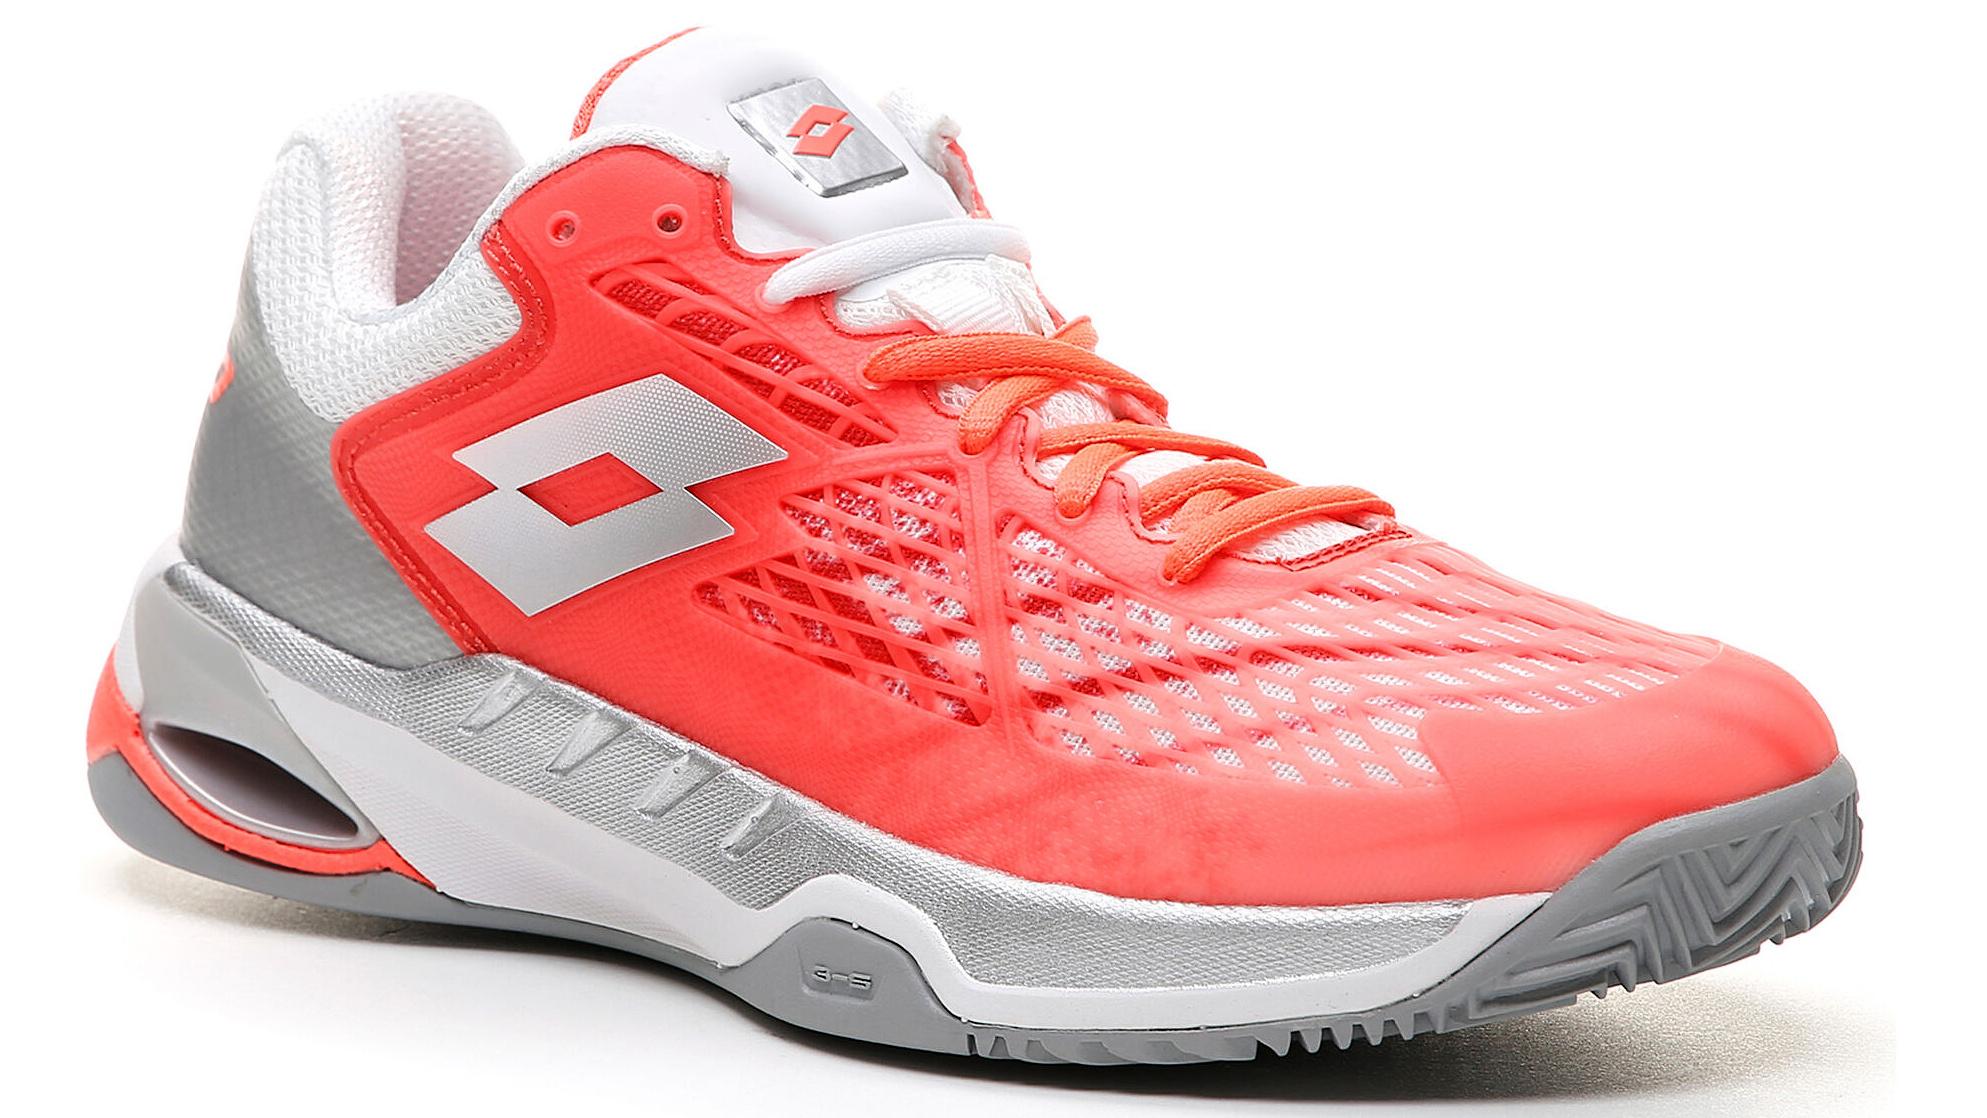 Tenisové boty na antuku LOTTO MIRAGE 100 CLAY – používá Kateřina Siniaková a Matteo Berrettini